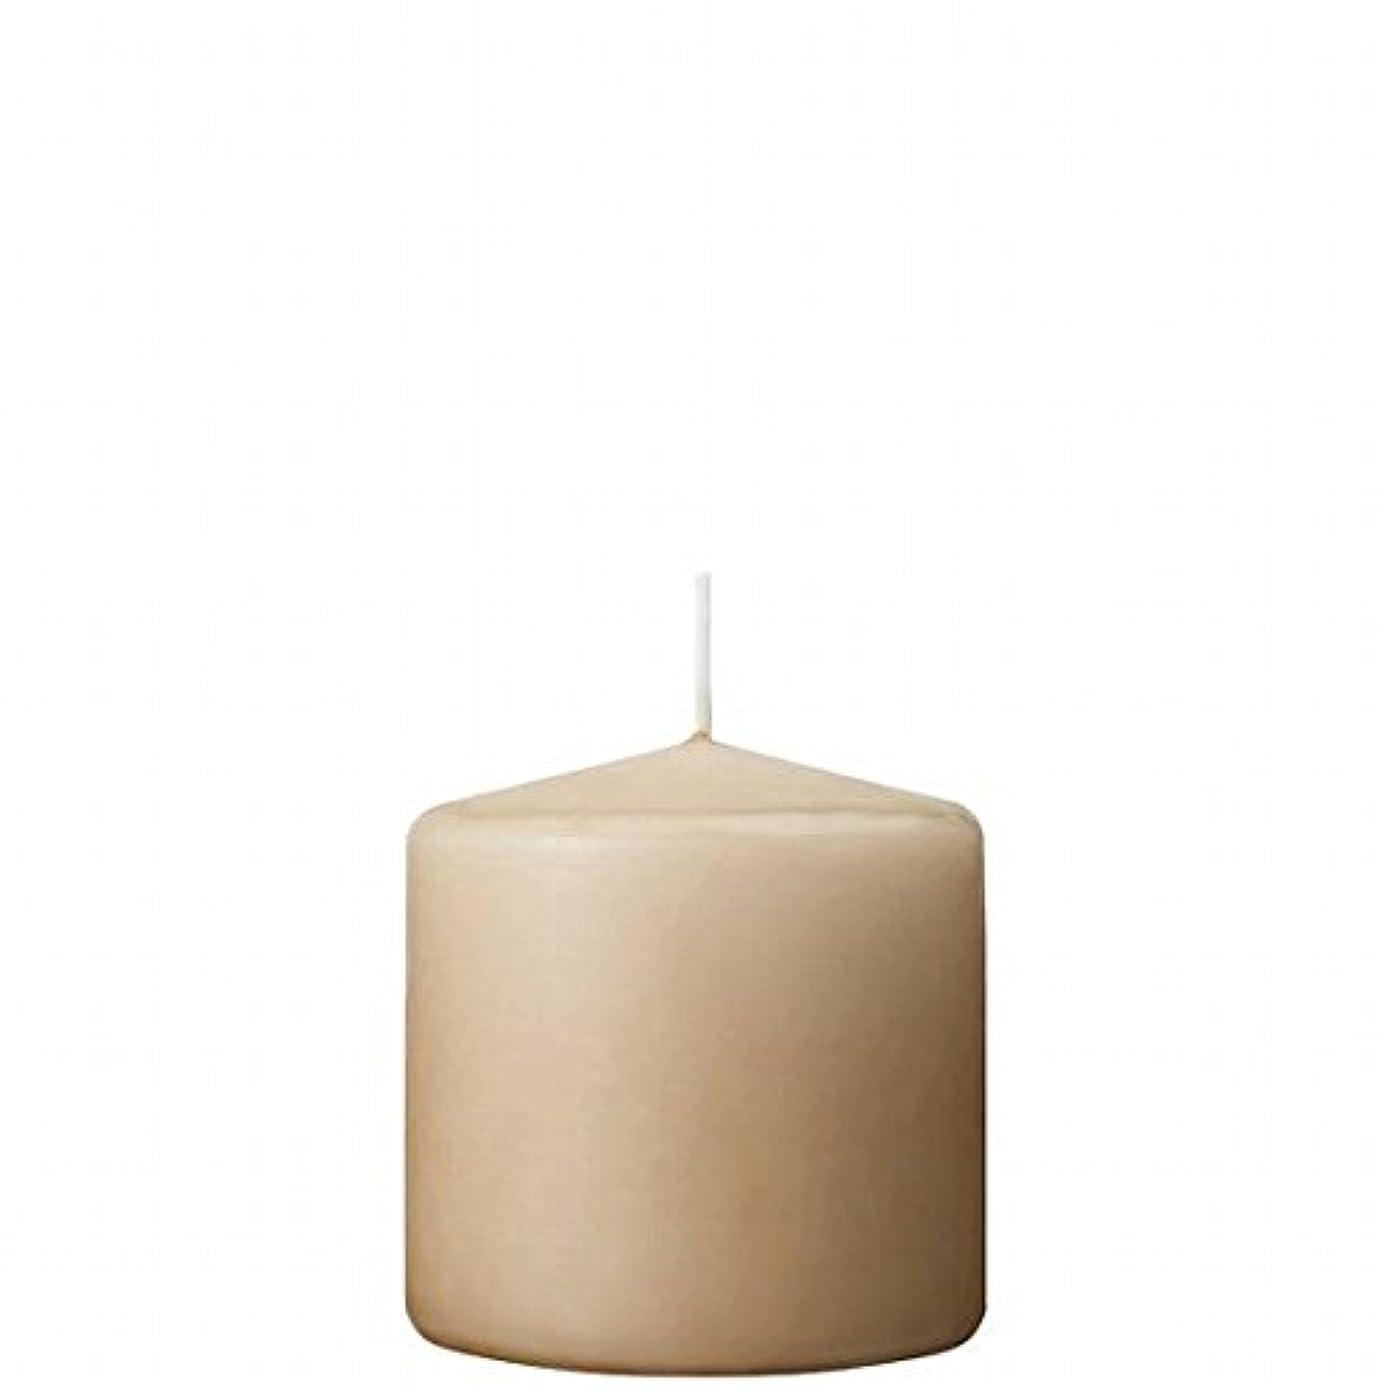 博物館不規則性情熱的カメヤマキャンドル( kameyama candle ) 3×3ベルトップピラーキャンドル 「 ベージュ 」